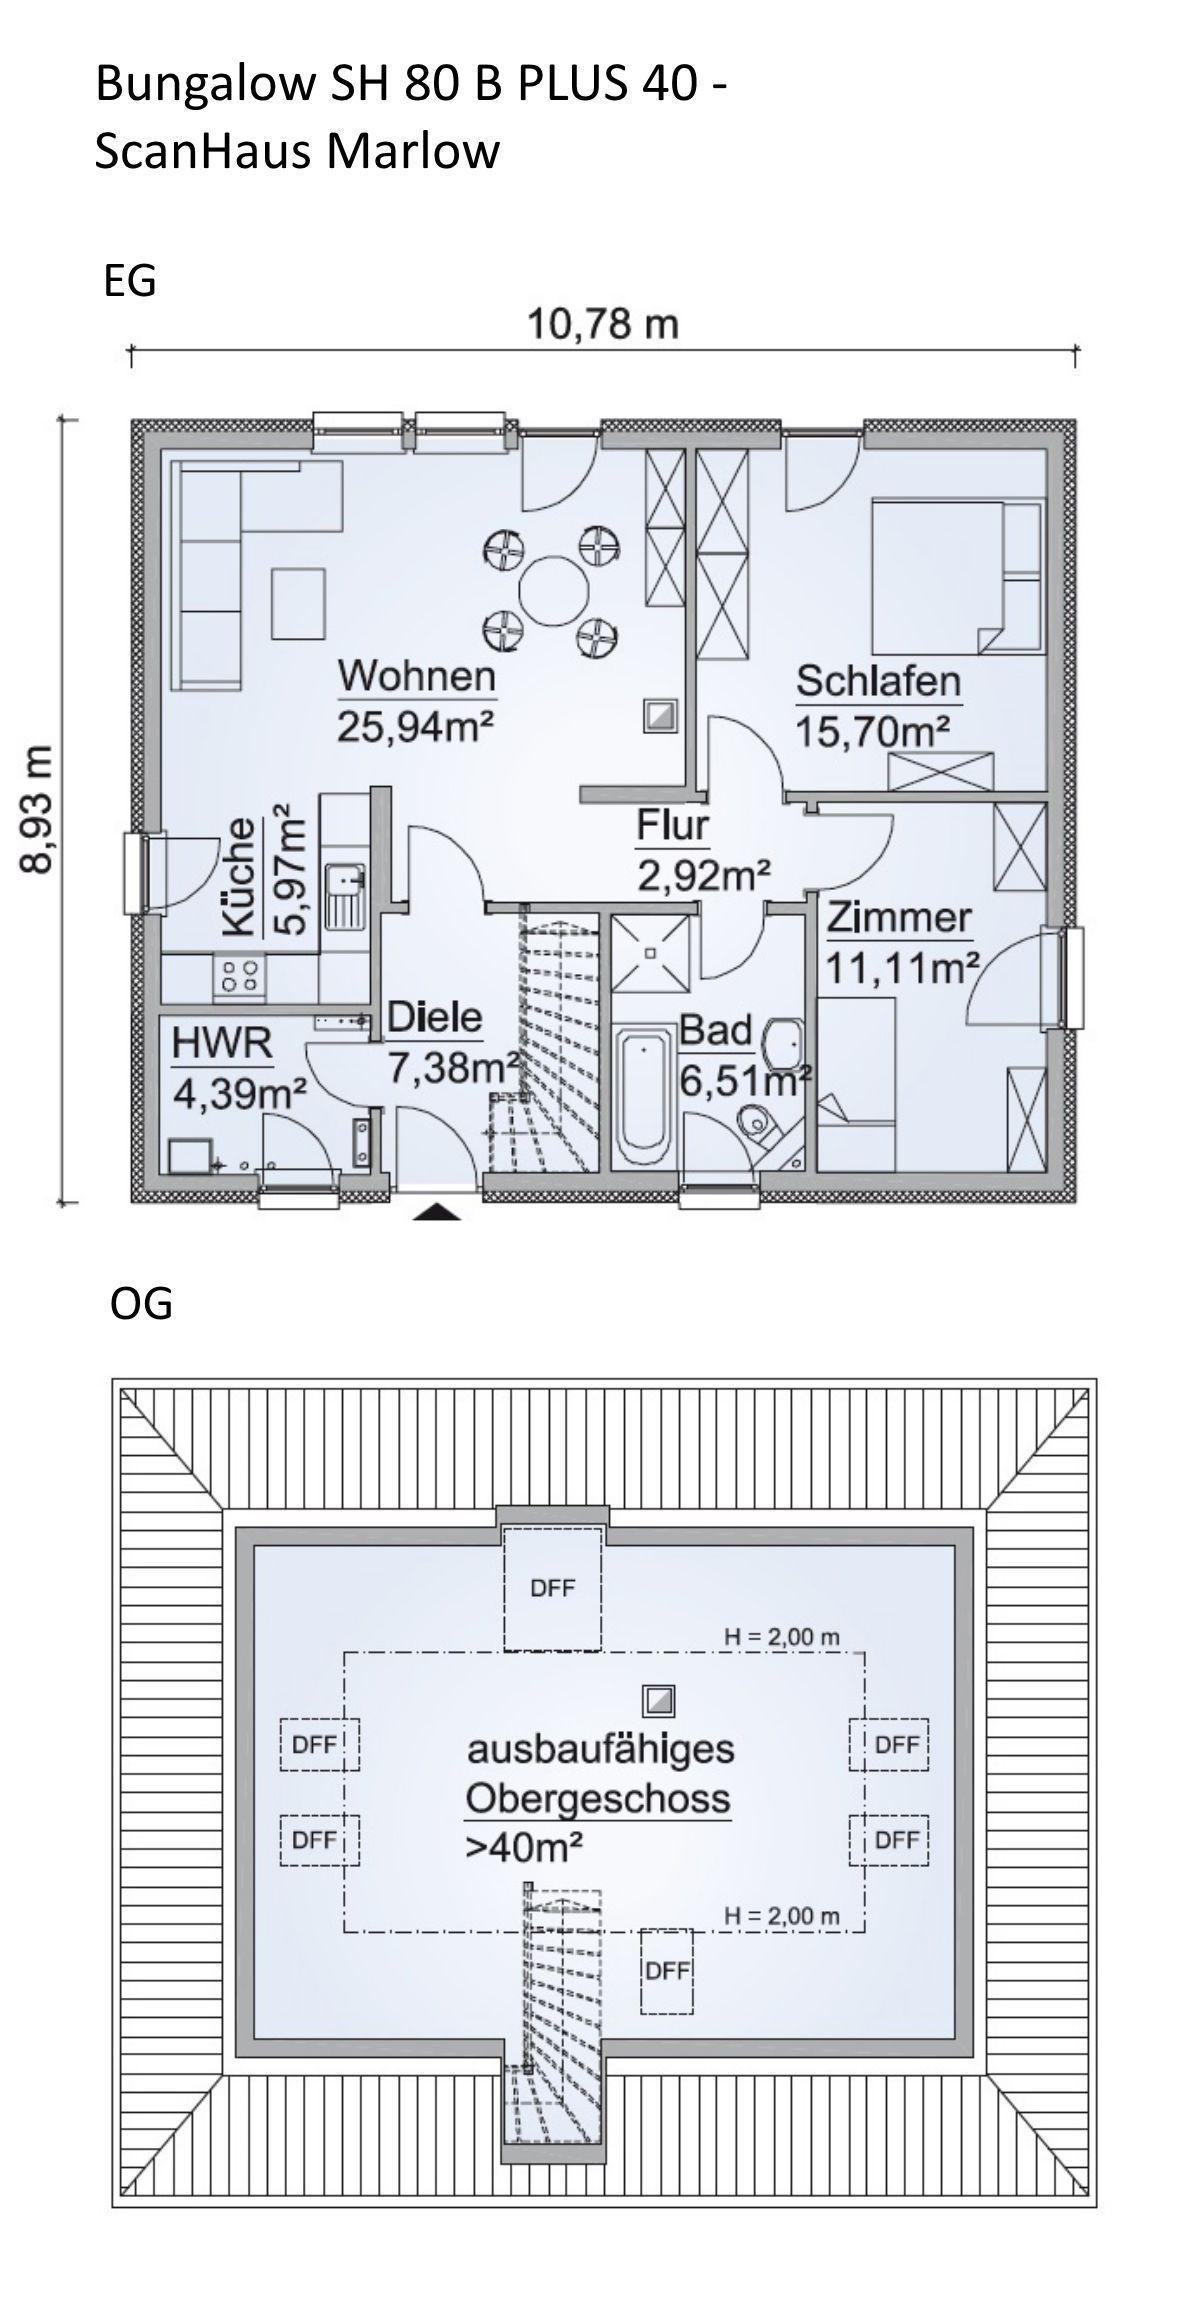 Grundriss Bungalow mit Ausbaureserve im Dachgeschoss